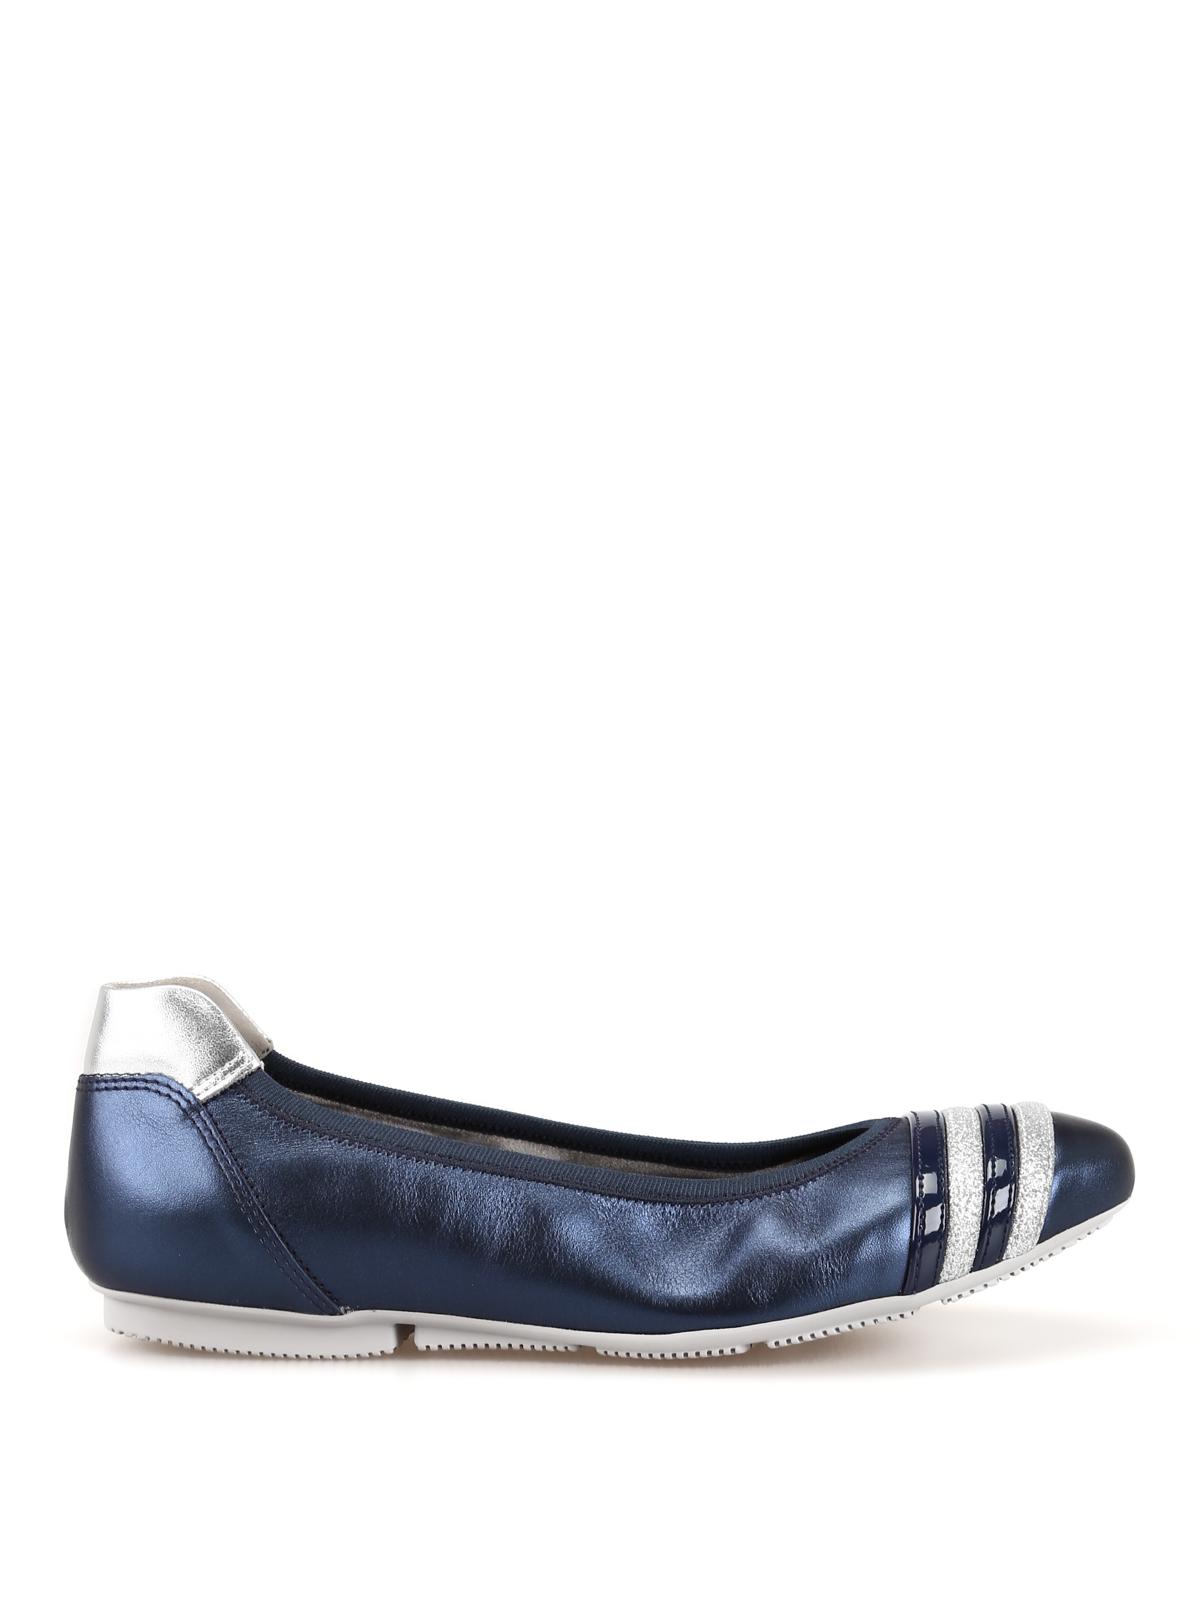 Ballerine Hogan - Ballerine Wrap-H144 in pelle blu ...